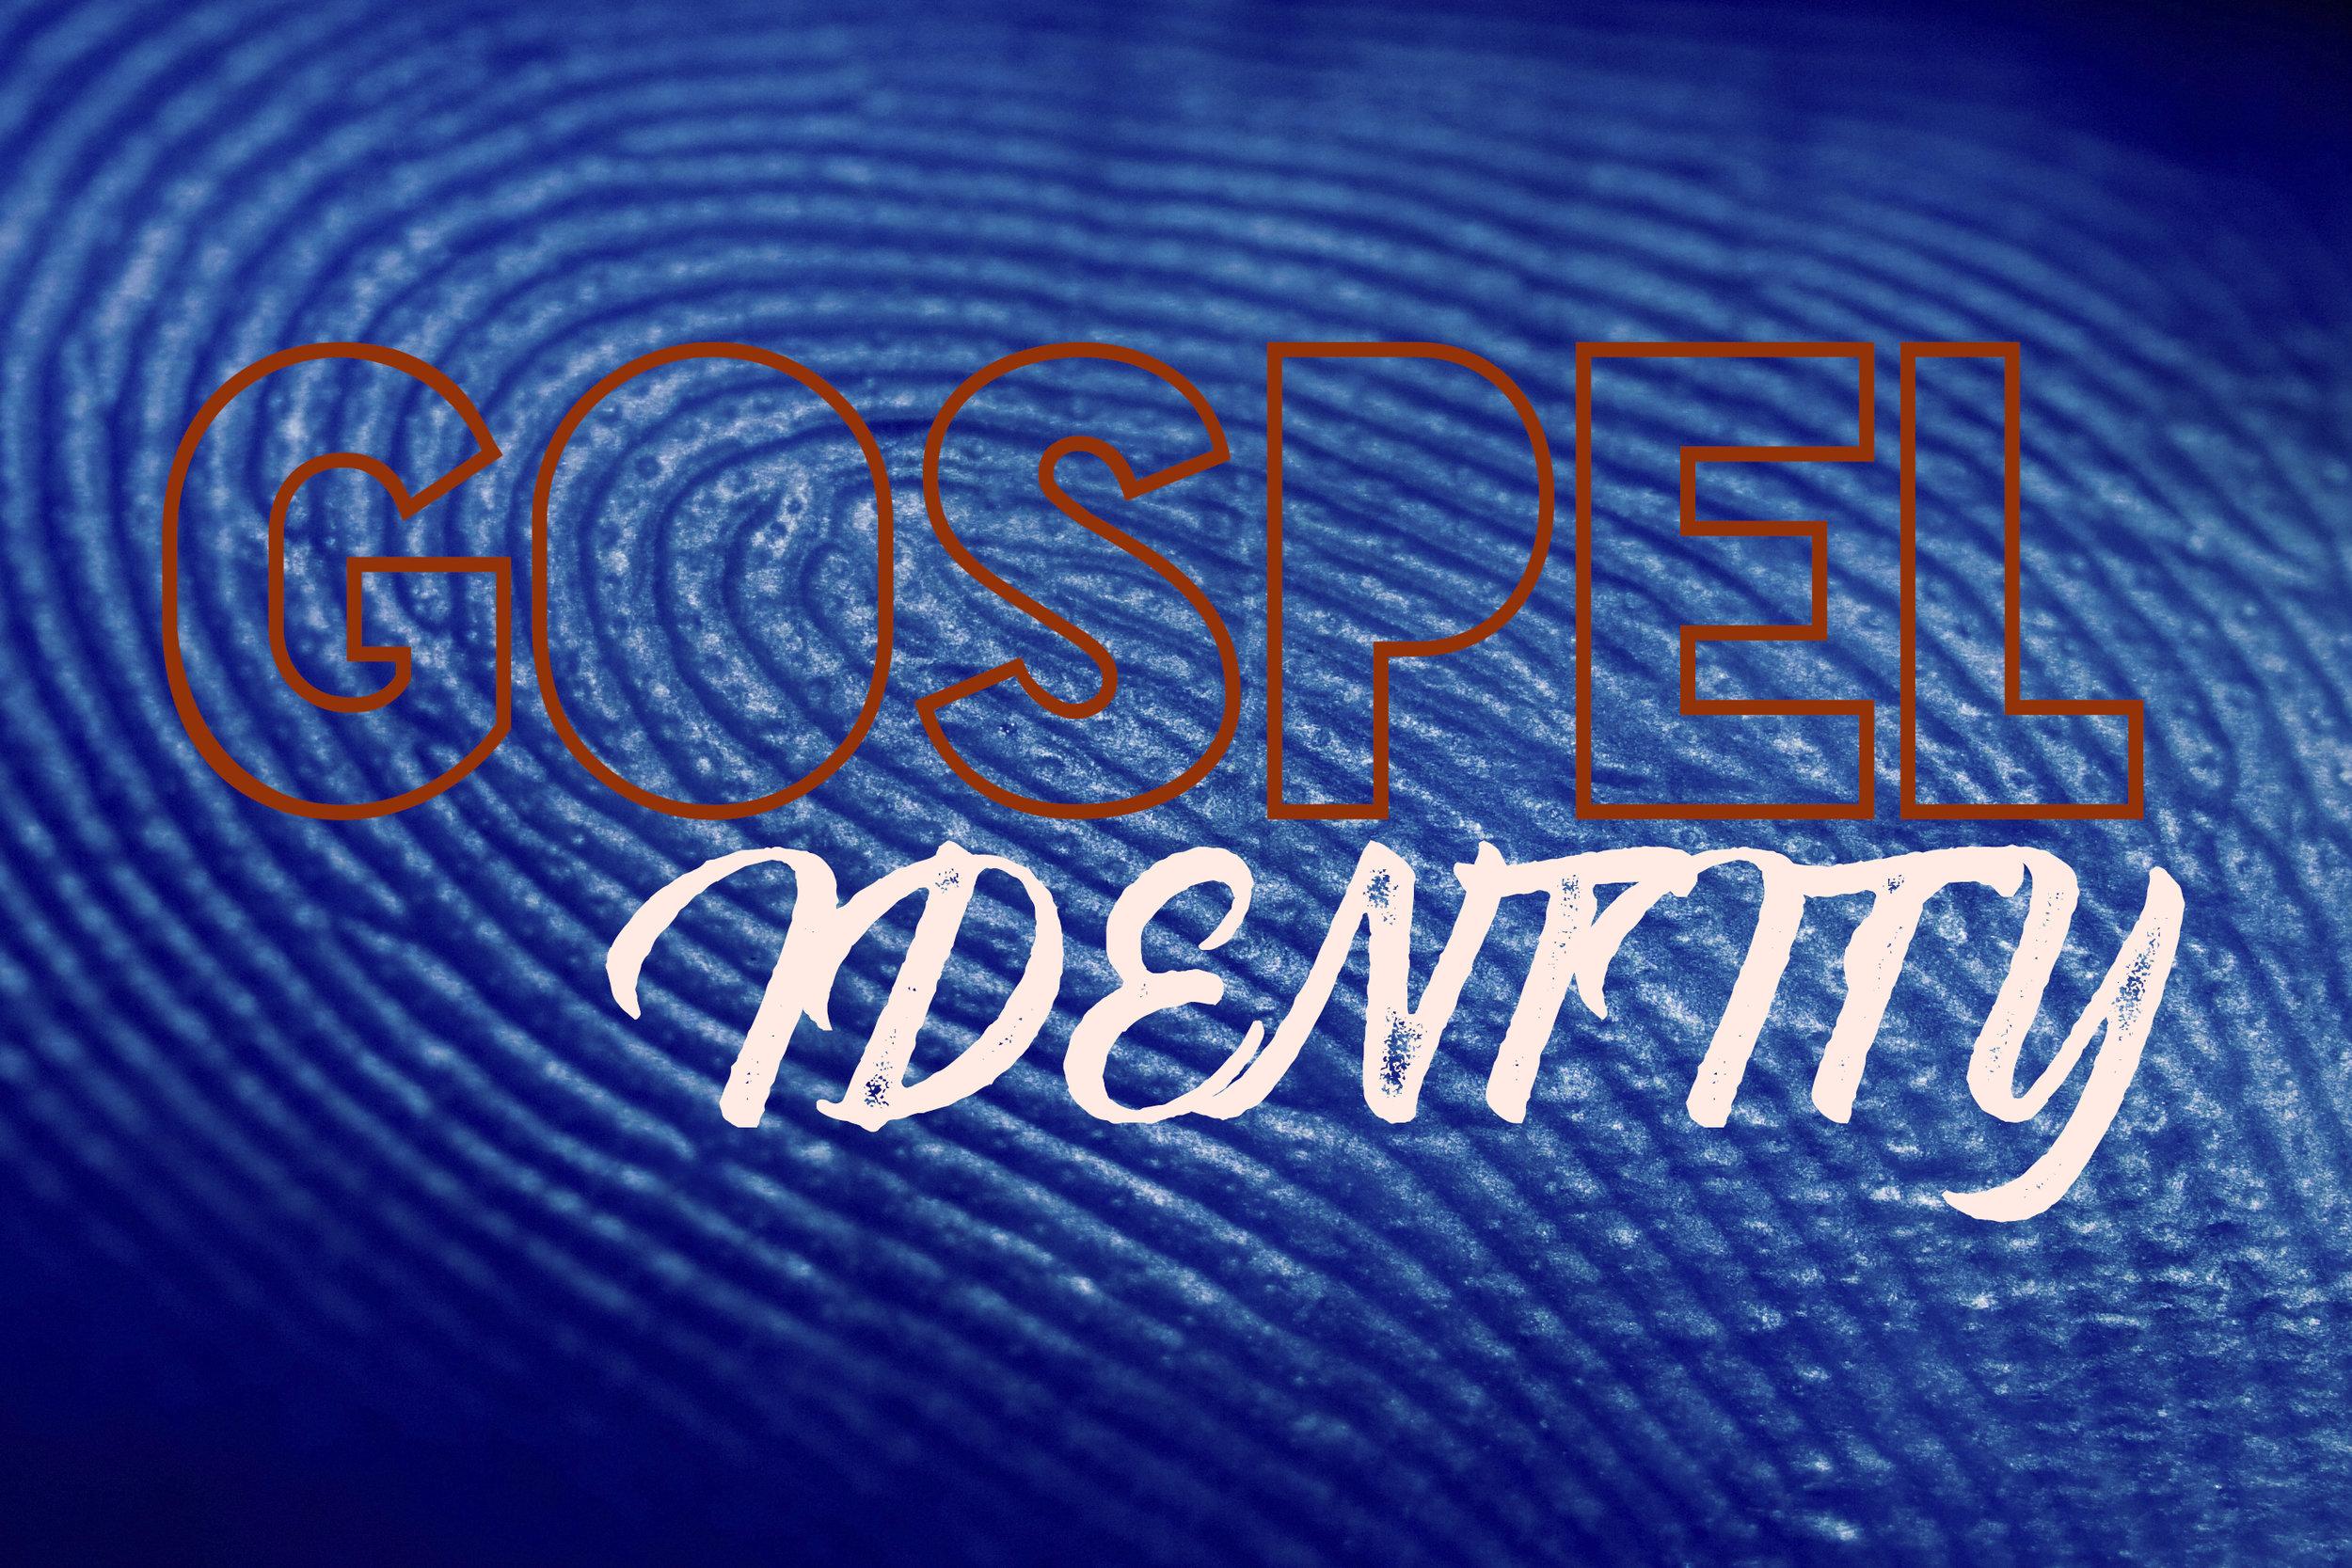 gospel identity.jpg